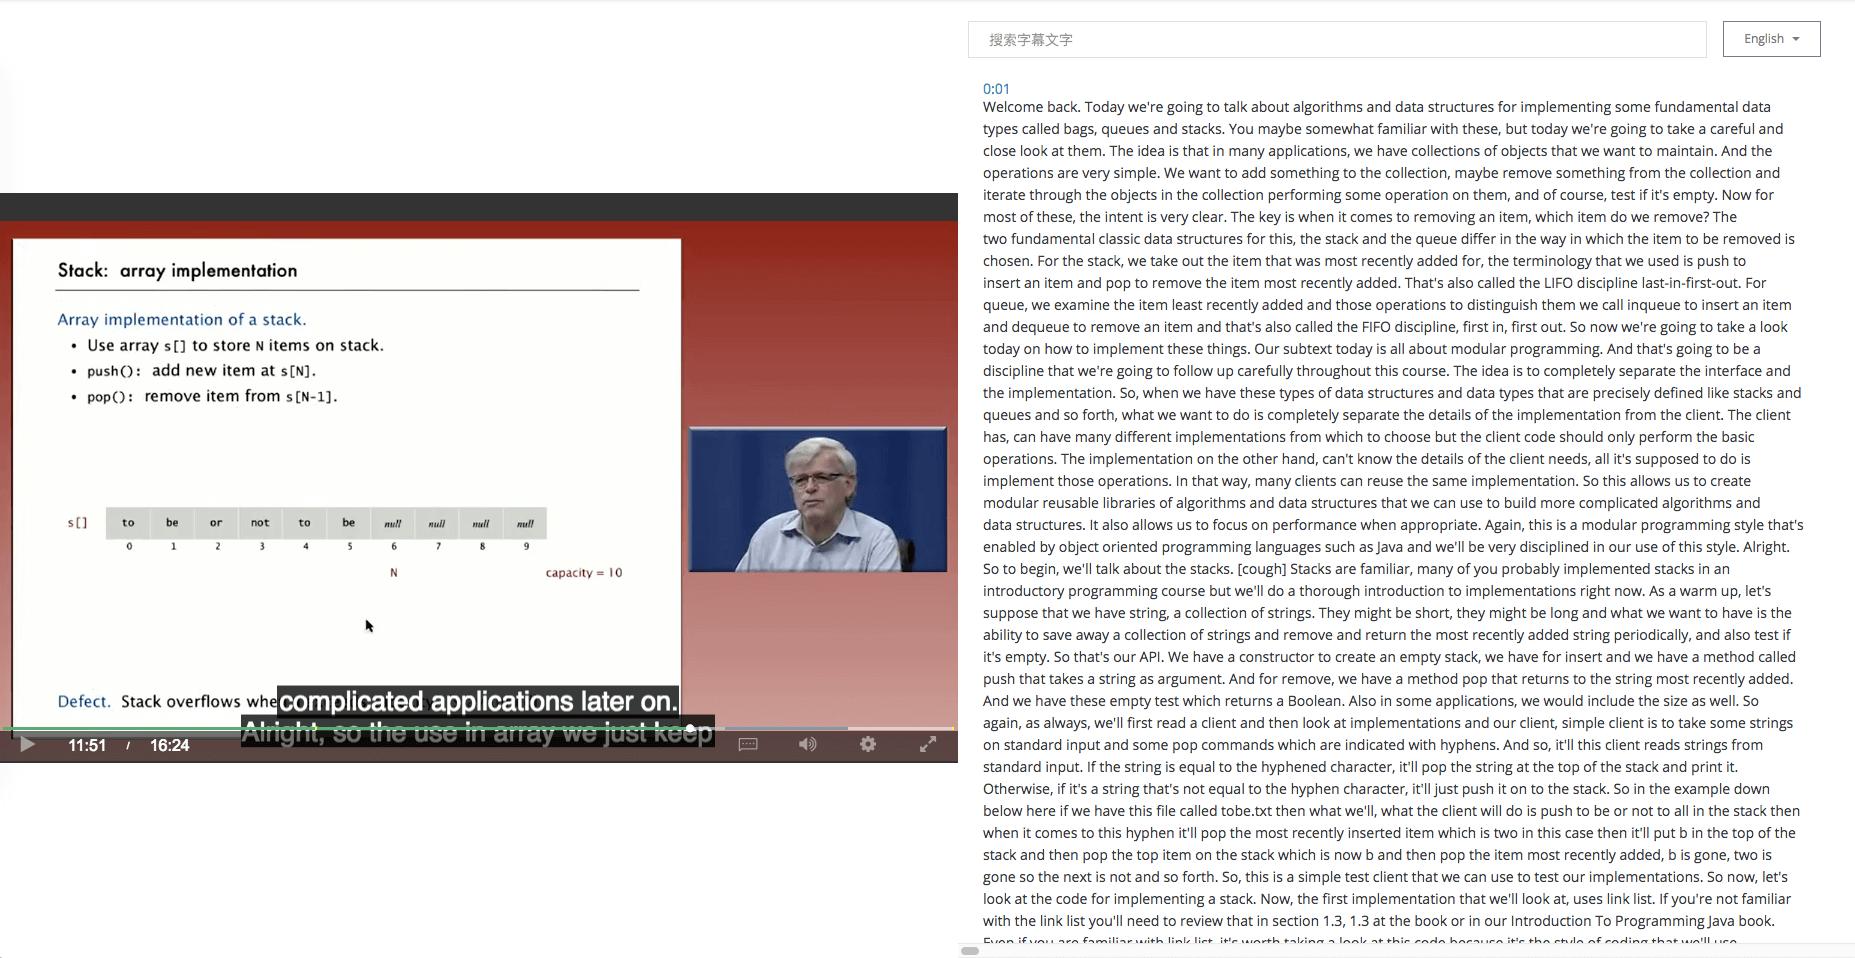 screen shot 2017-05-13 at 11 48 21 am